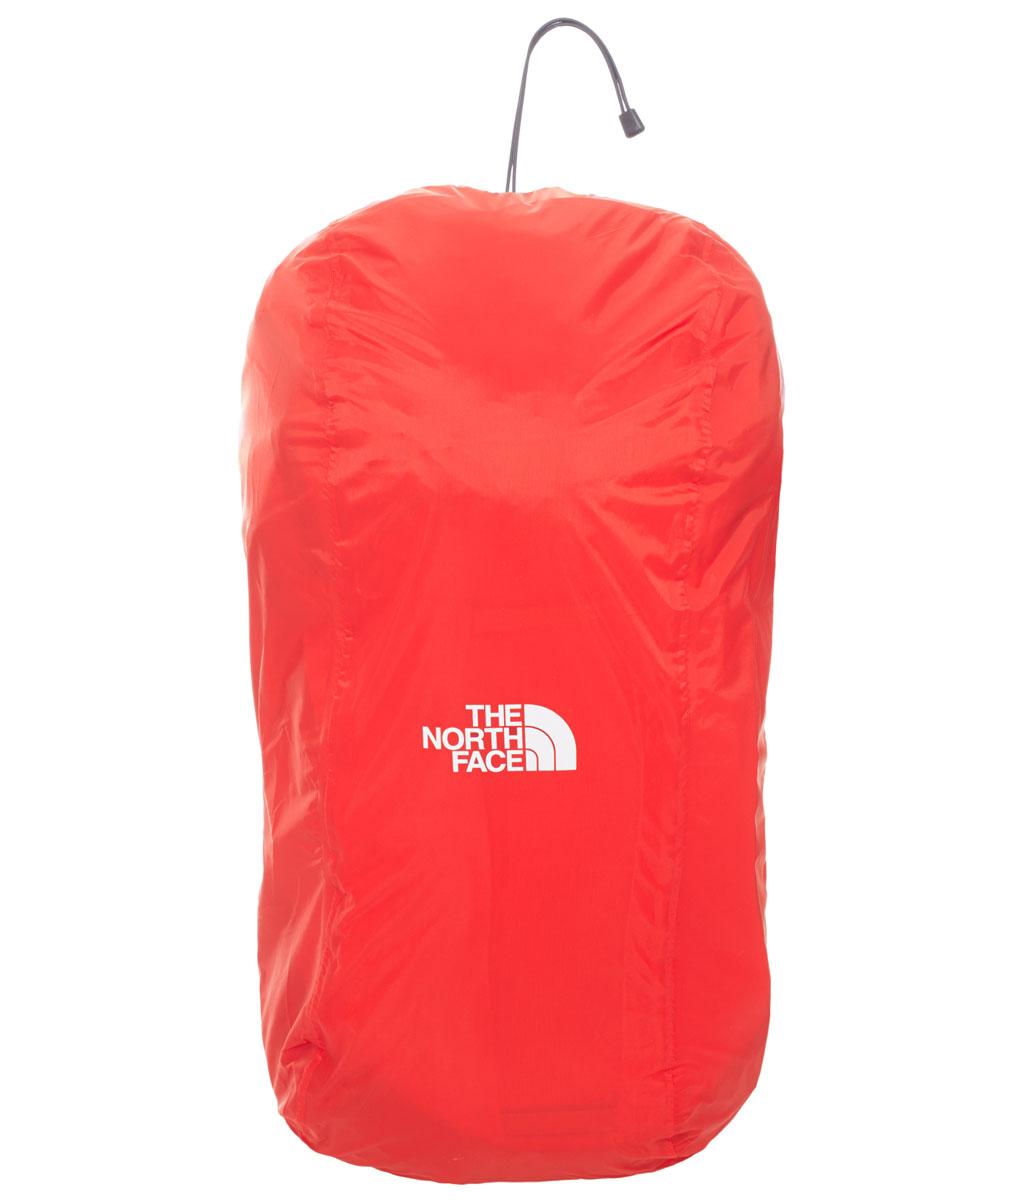 Чехол от дождя для рюкзака The North Face PACK RAIN COVER, 20 л, цвет: красный. T0CA7Z682 ( T0CA7Z682 )